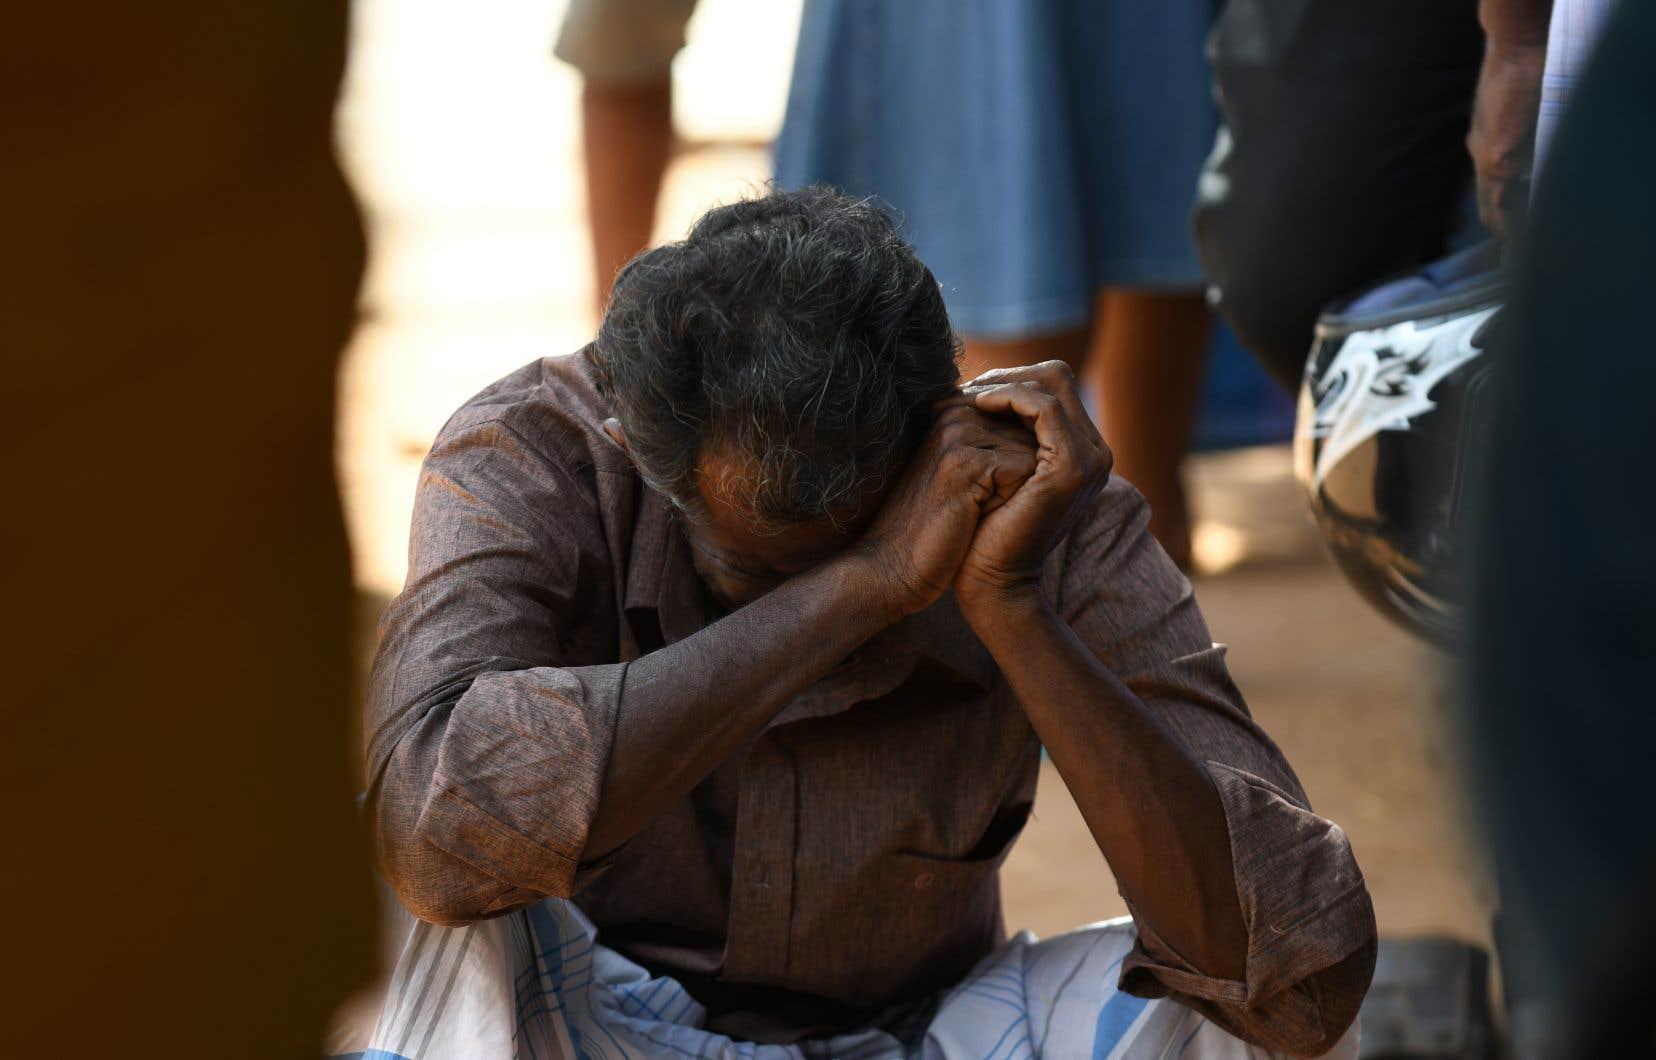 Un membre de la famille d'une victime d'une explosion est en pleurs devant un hôpital de Batticaloa, dans l'est du Sri Lanka, le 21 avril 2019.